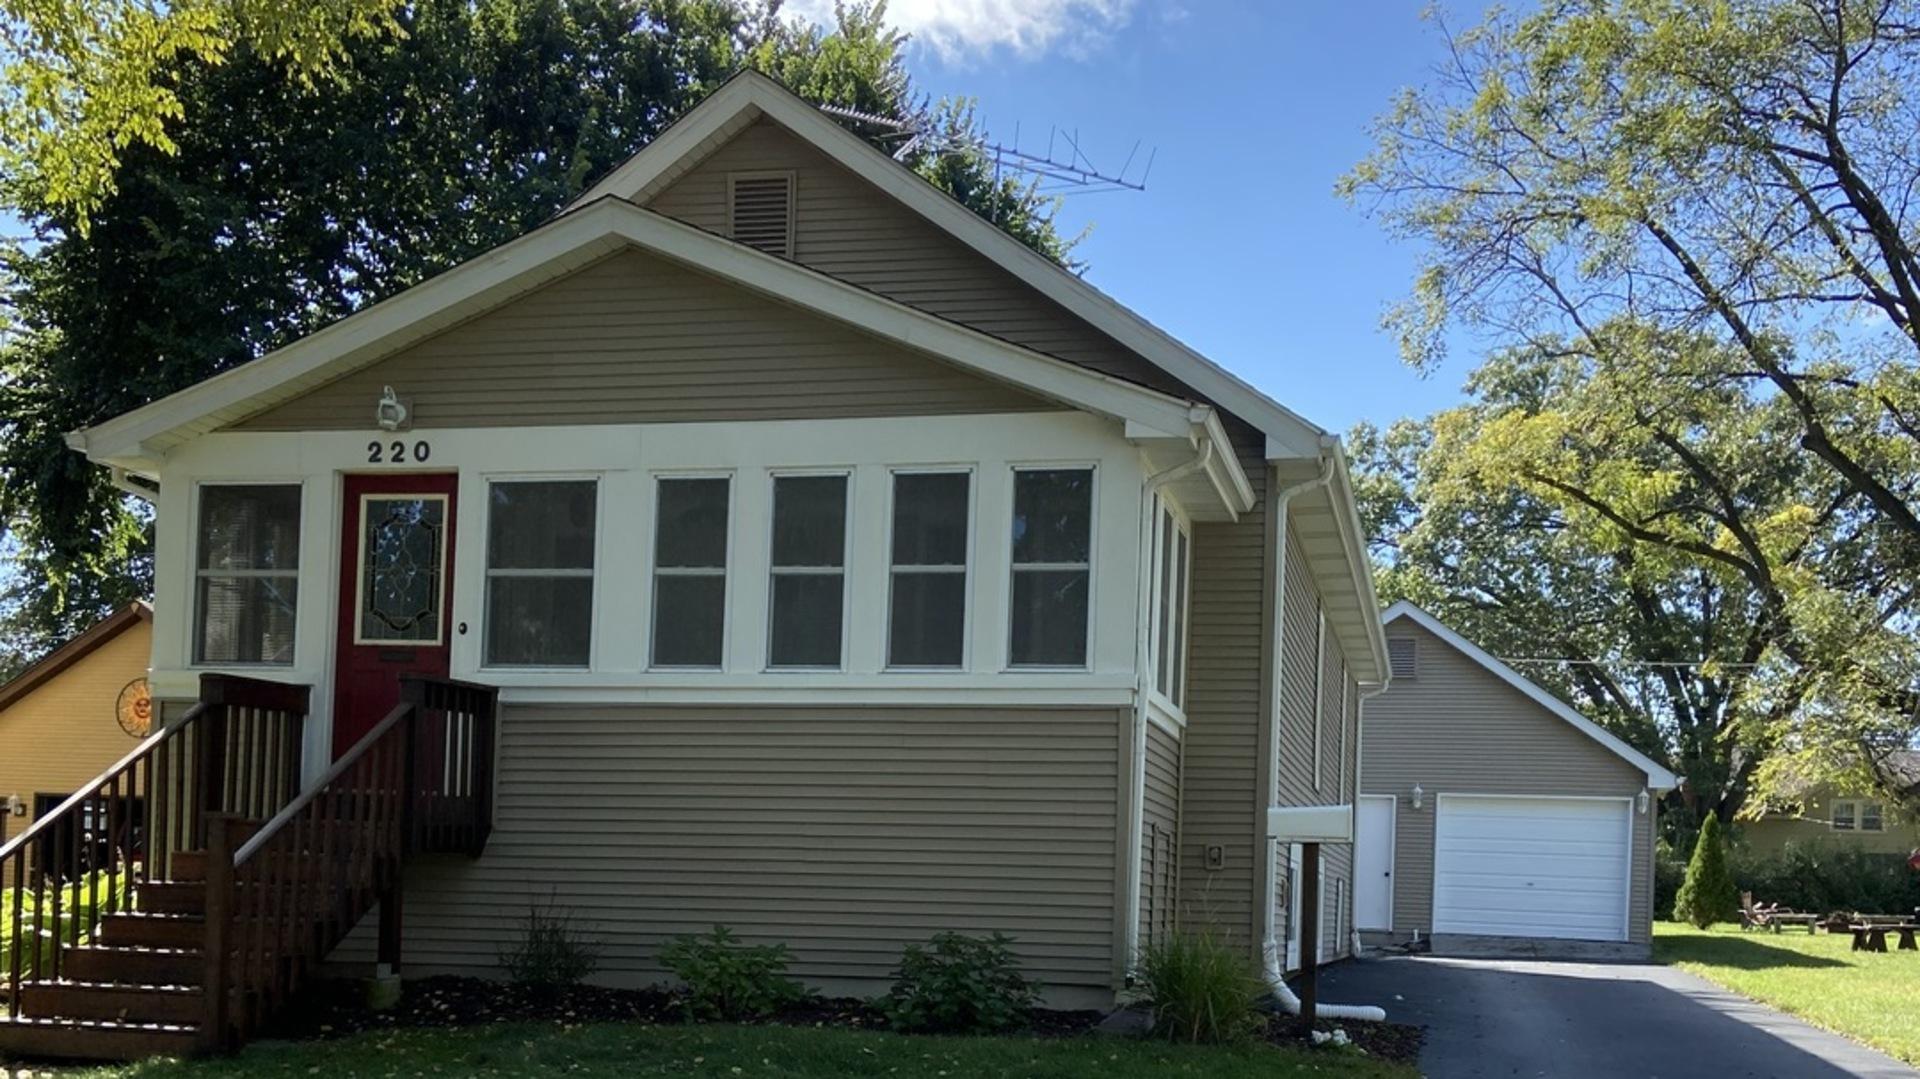 220 Illinois Street, Crystal Lake, IL 60014